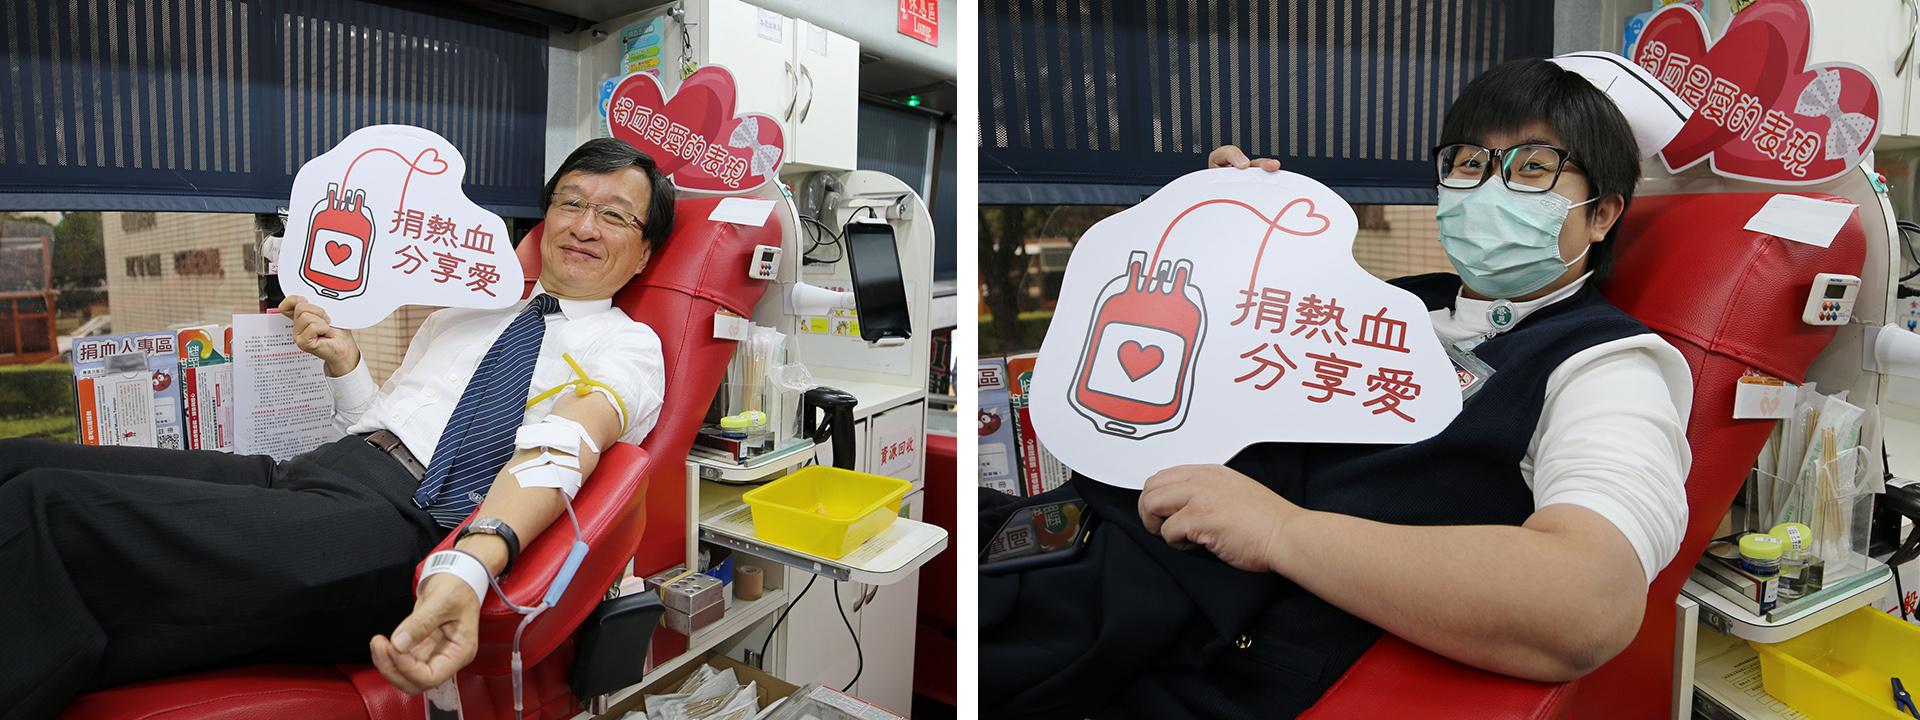 花蓮慈院醫務秘書李毅(左圖)表示,在開刀房的時候,看到這一袋血可以讓一個人獲救,是件很有價值又很快樂的事情。花蓮慈院病房護理長周英芳(右圖)說,在醫院工作,深刻了解血液不足對病人的影響很大,所以一聽到血荒就邀約實習的學弟妹一起加入捐血的行列。